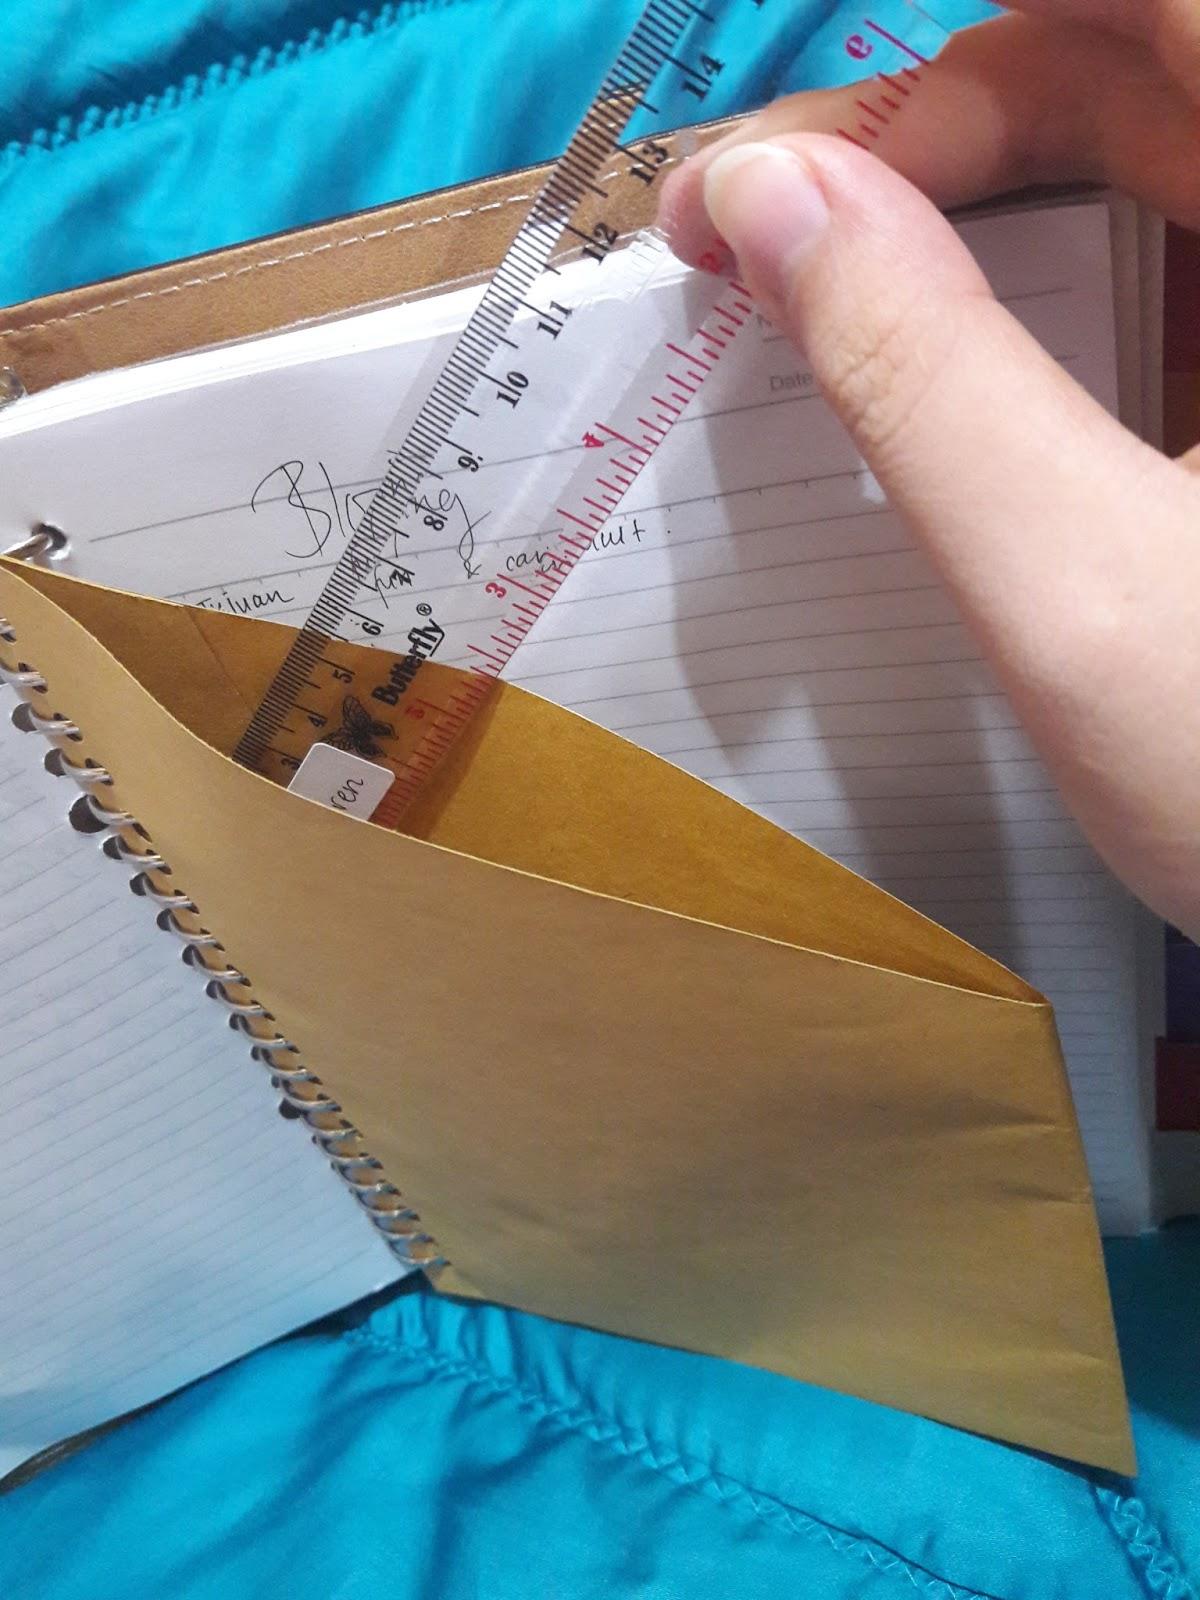 Binder Planer Accessories Sampul Buku Coklat Gambar Kantong Pembatas Ini Terbuat Dari Loh Caranya Bikin Amplop Tanpa Penutup Potong Miring Ujung Atas Ke Bagian Tengah